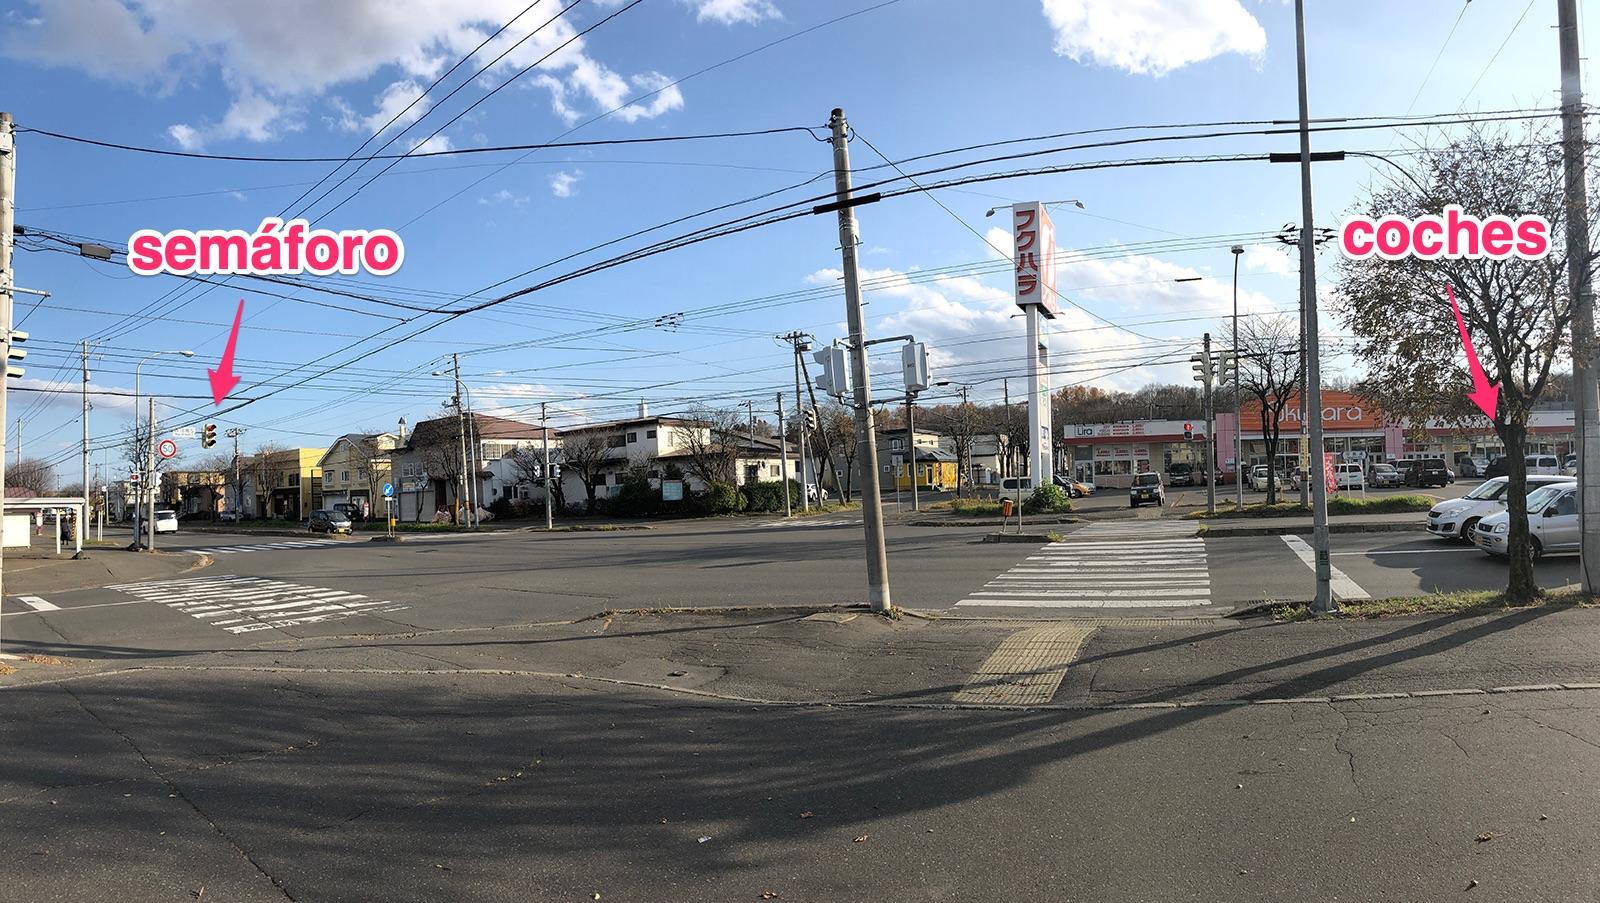 Los semáforos y coches de un cruce en Japón